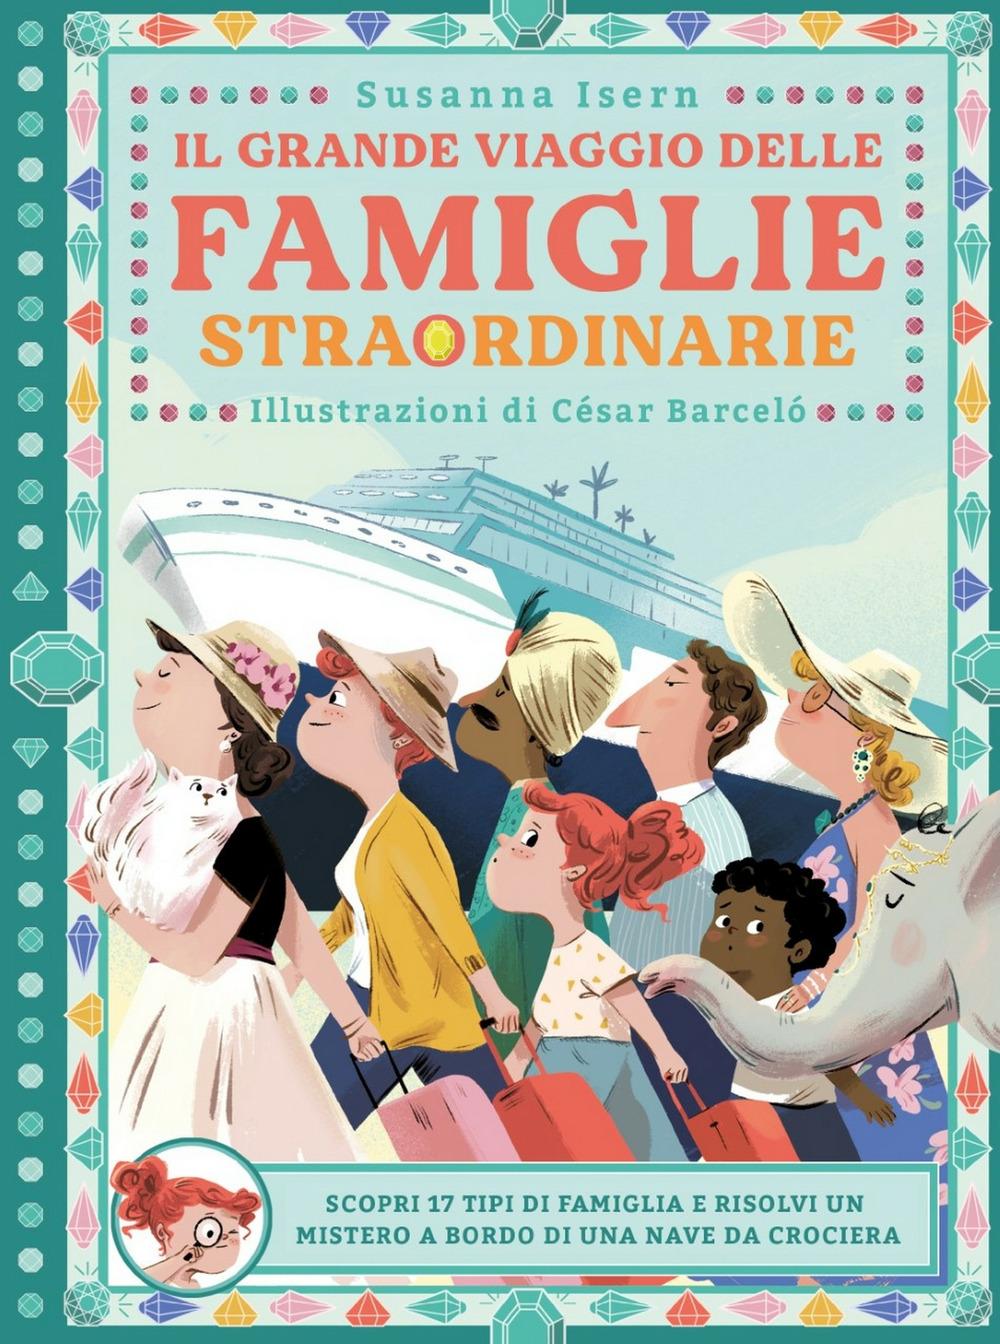 Il grande viaggio delle famiglie straordinarie